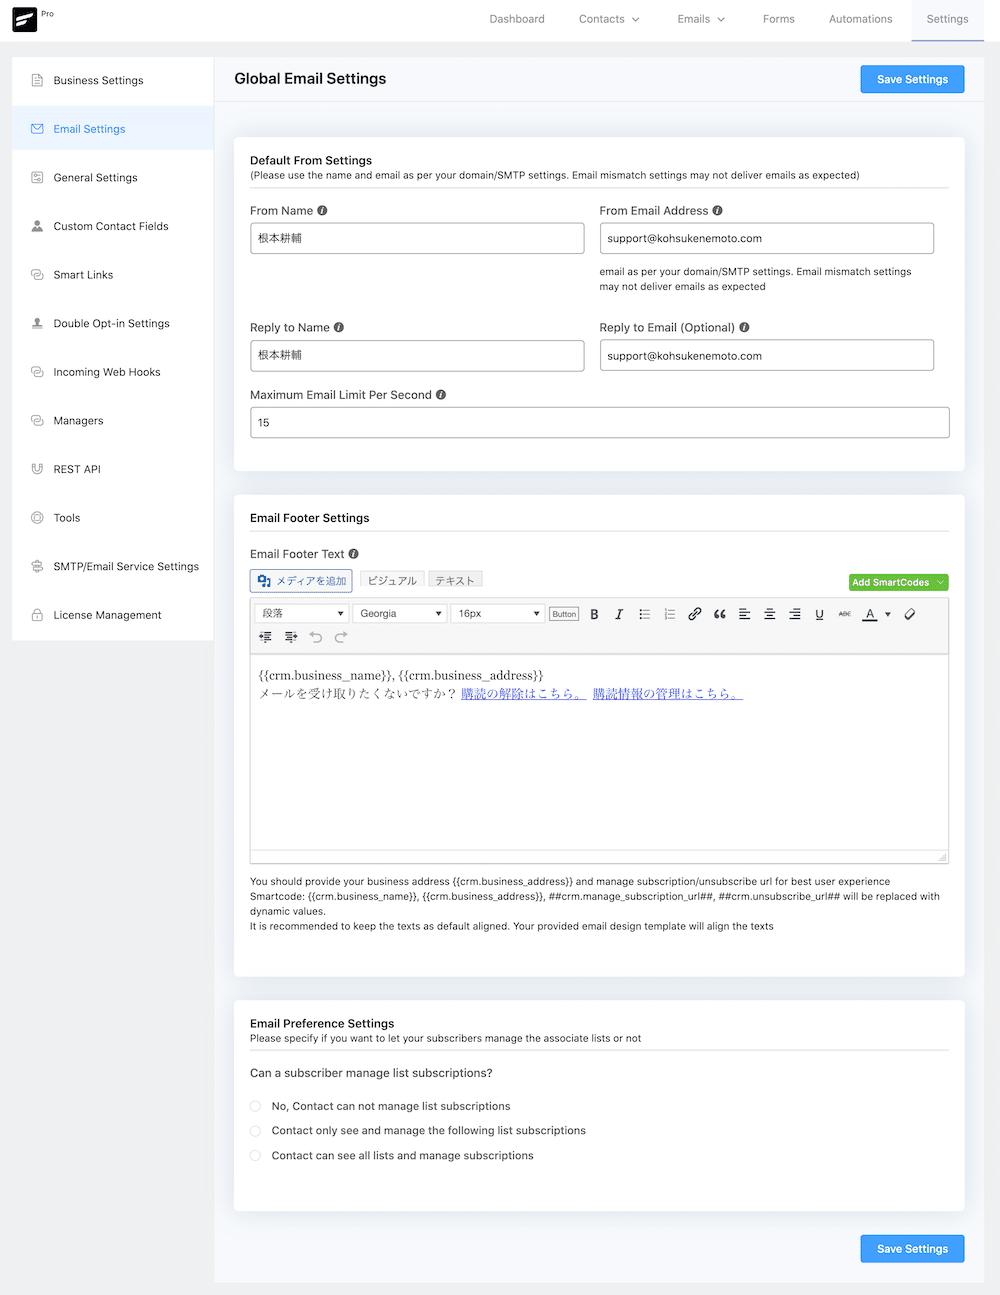 FluentCRMののEmail Settings